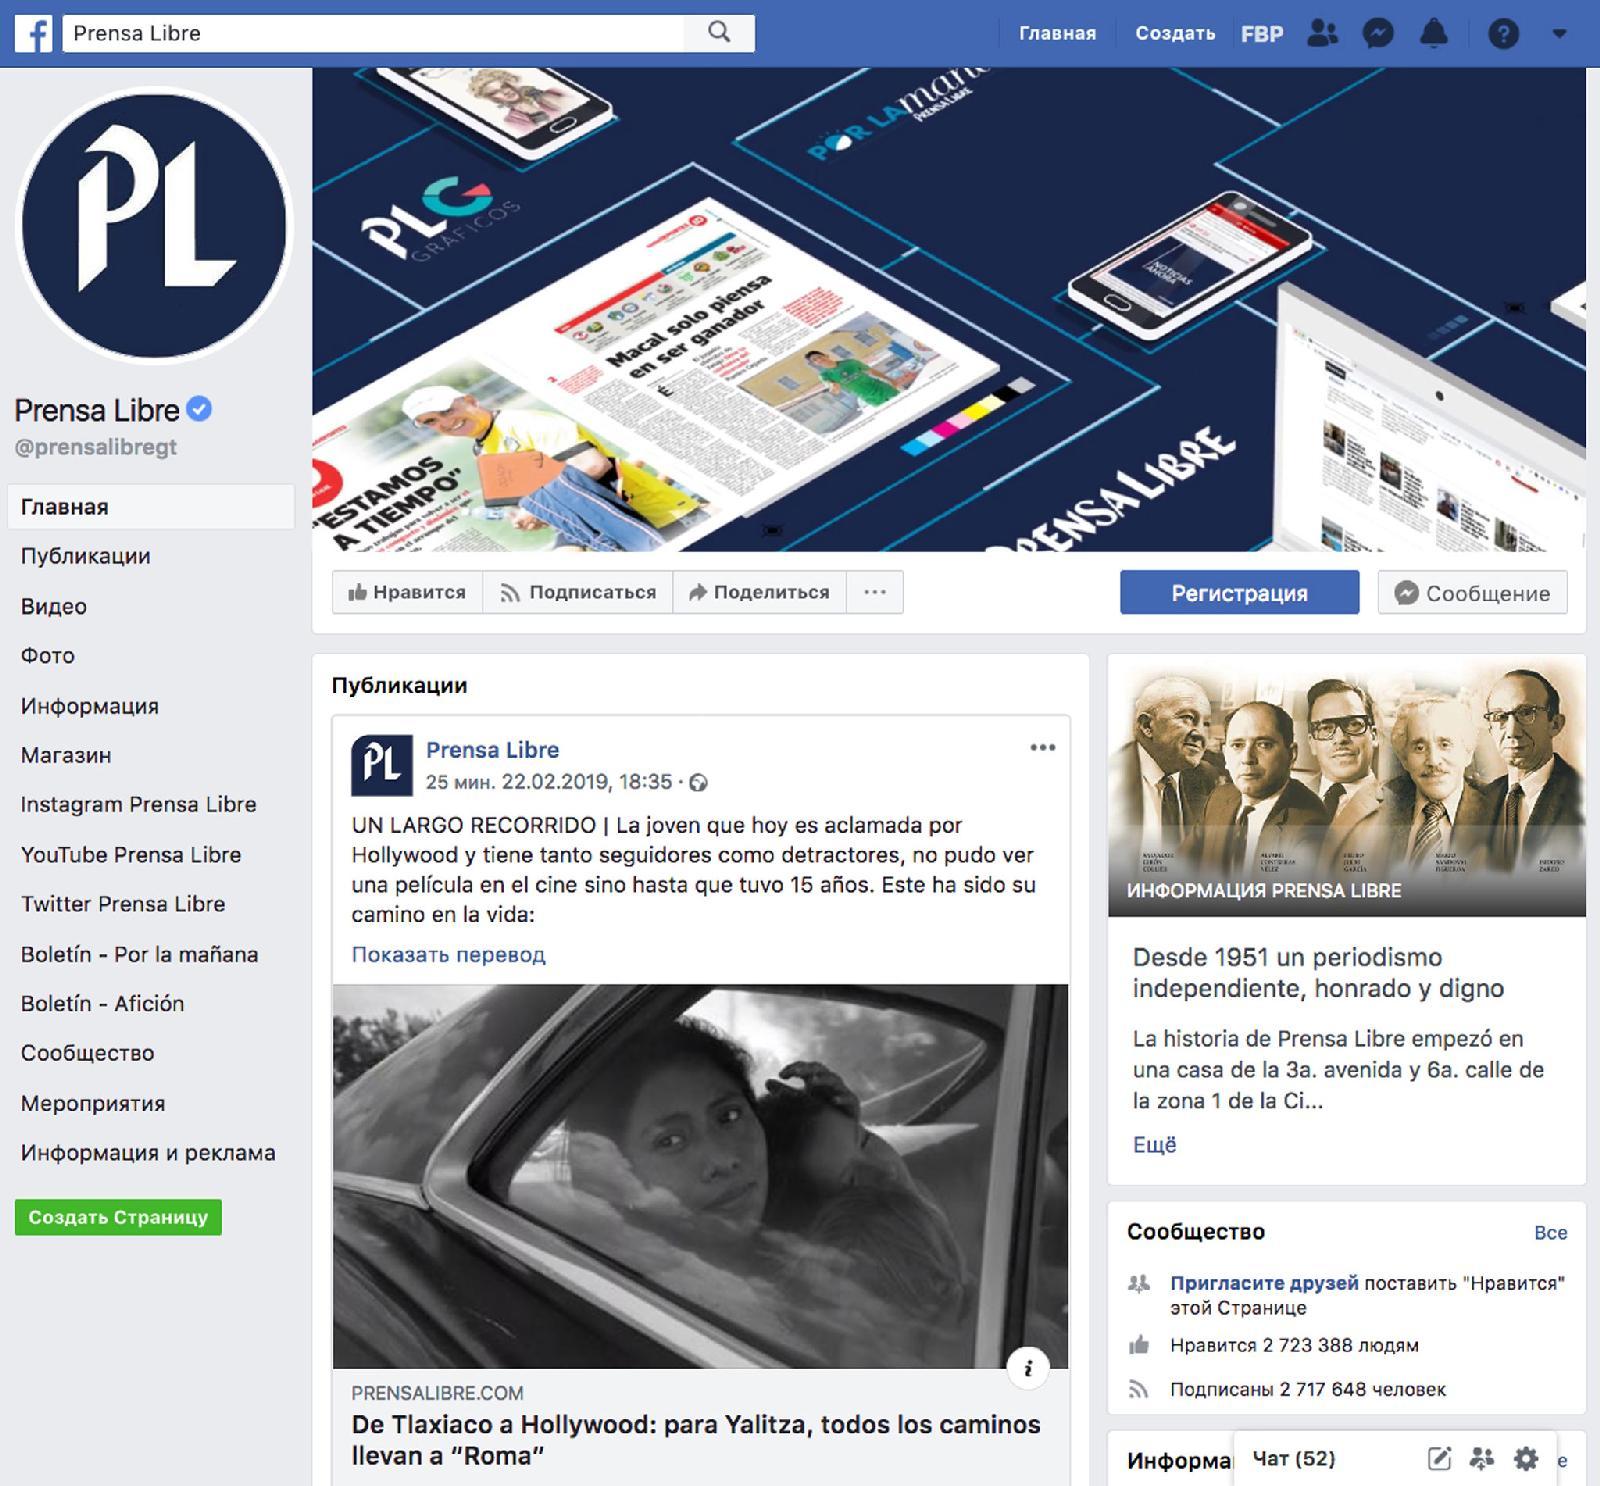 На страницу Prensa Libre в Facebook подписаны 2,7 млн человек